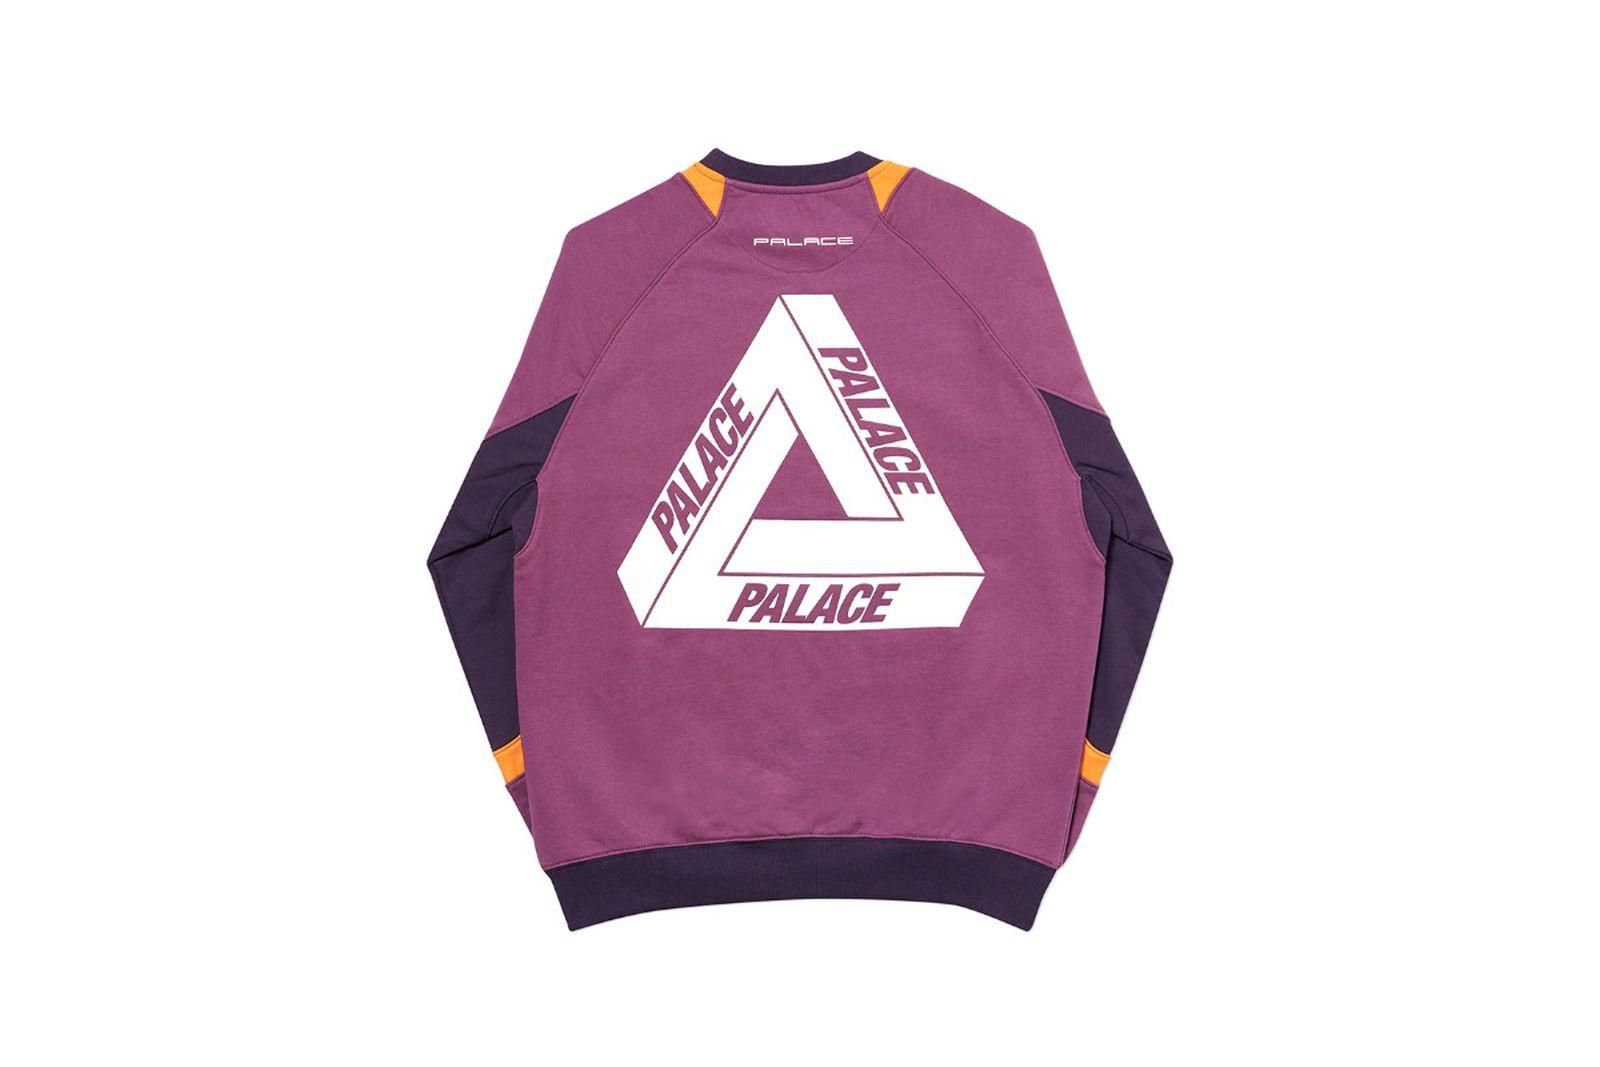 Palace 2019 Autumn Crew Tour De Force purple back 2508 1